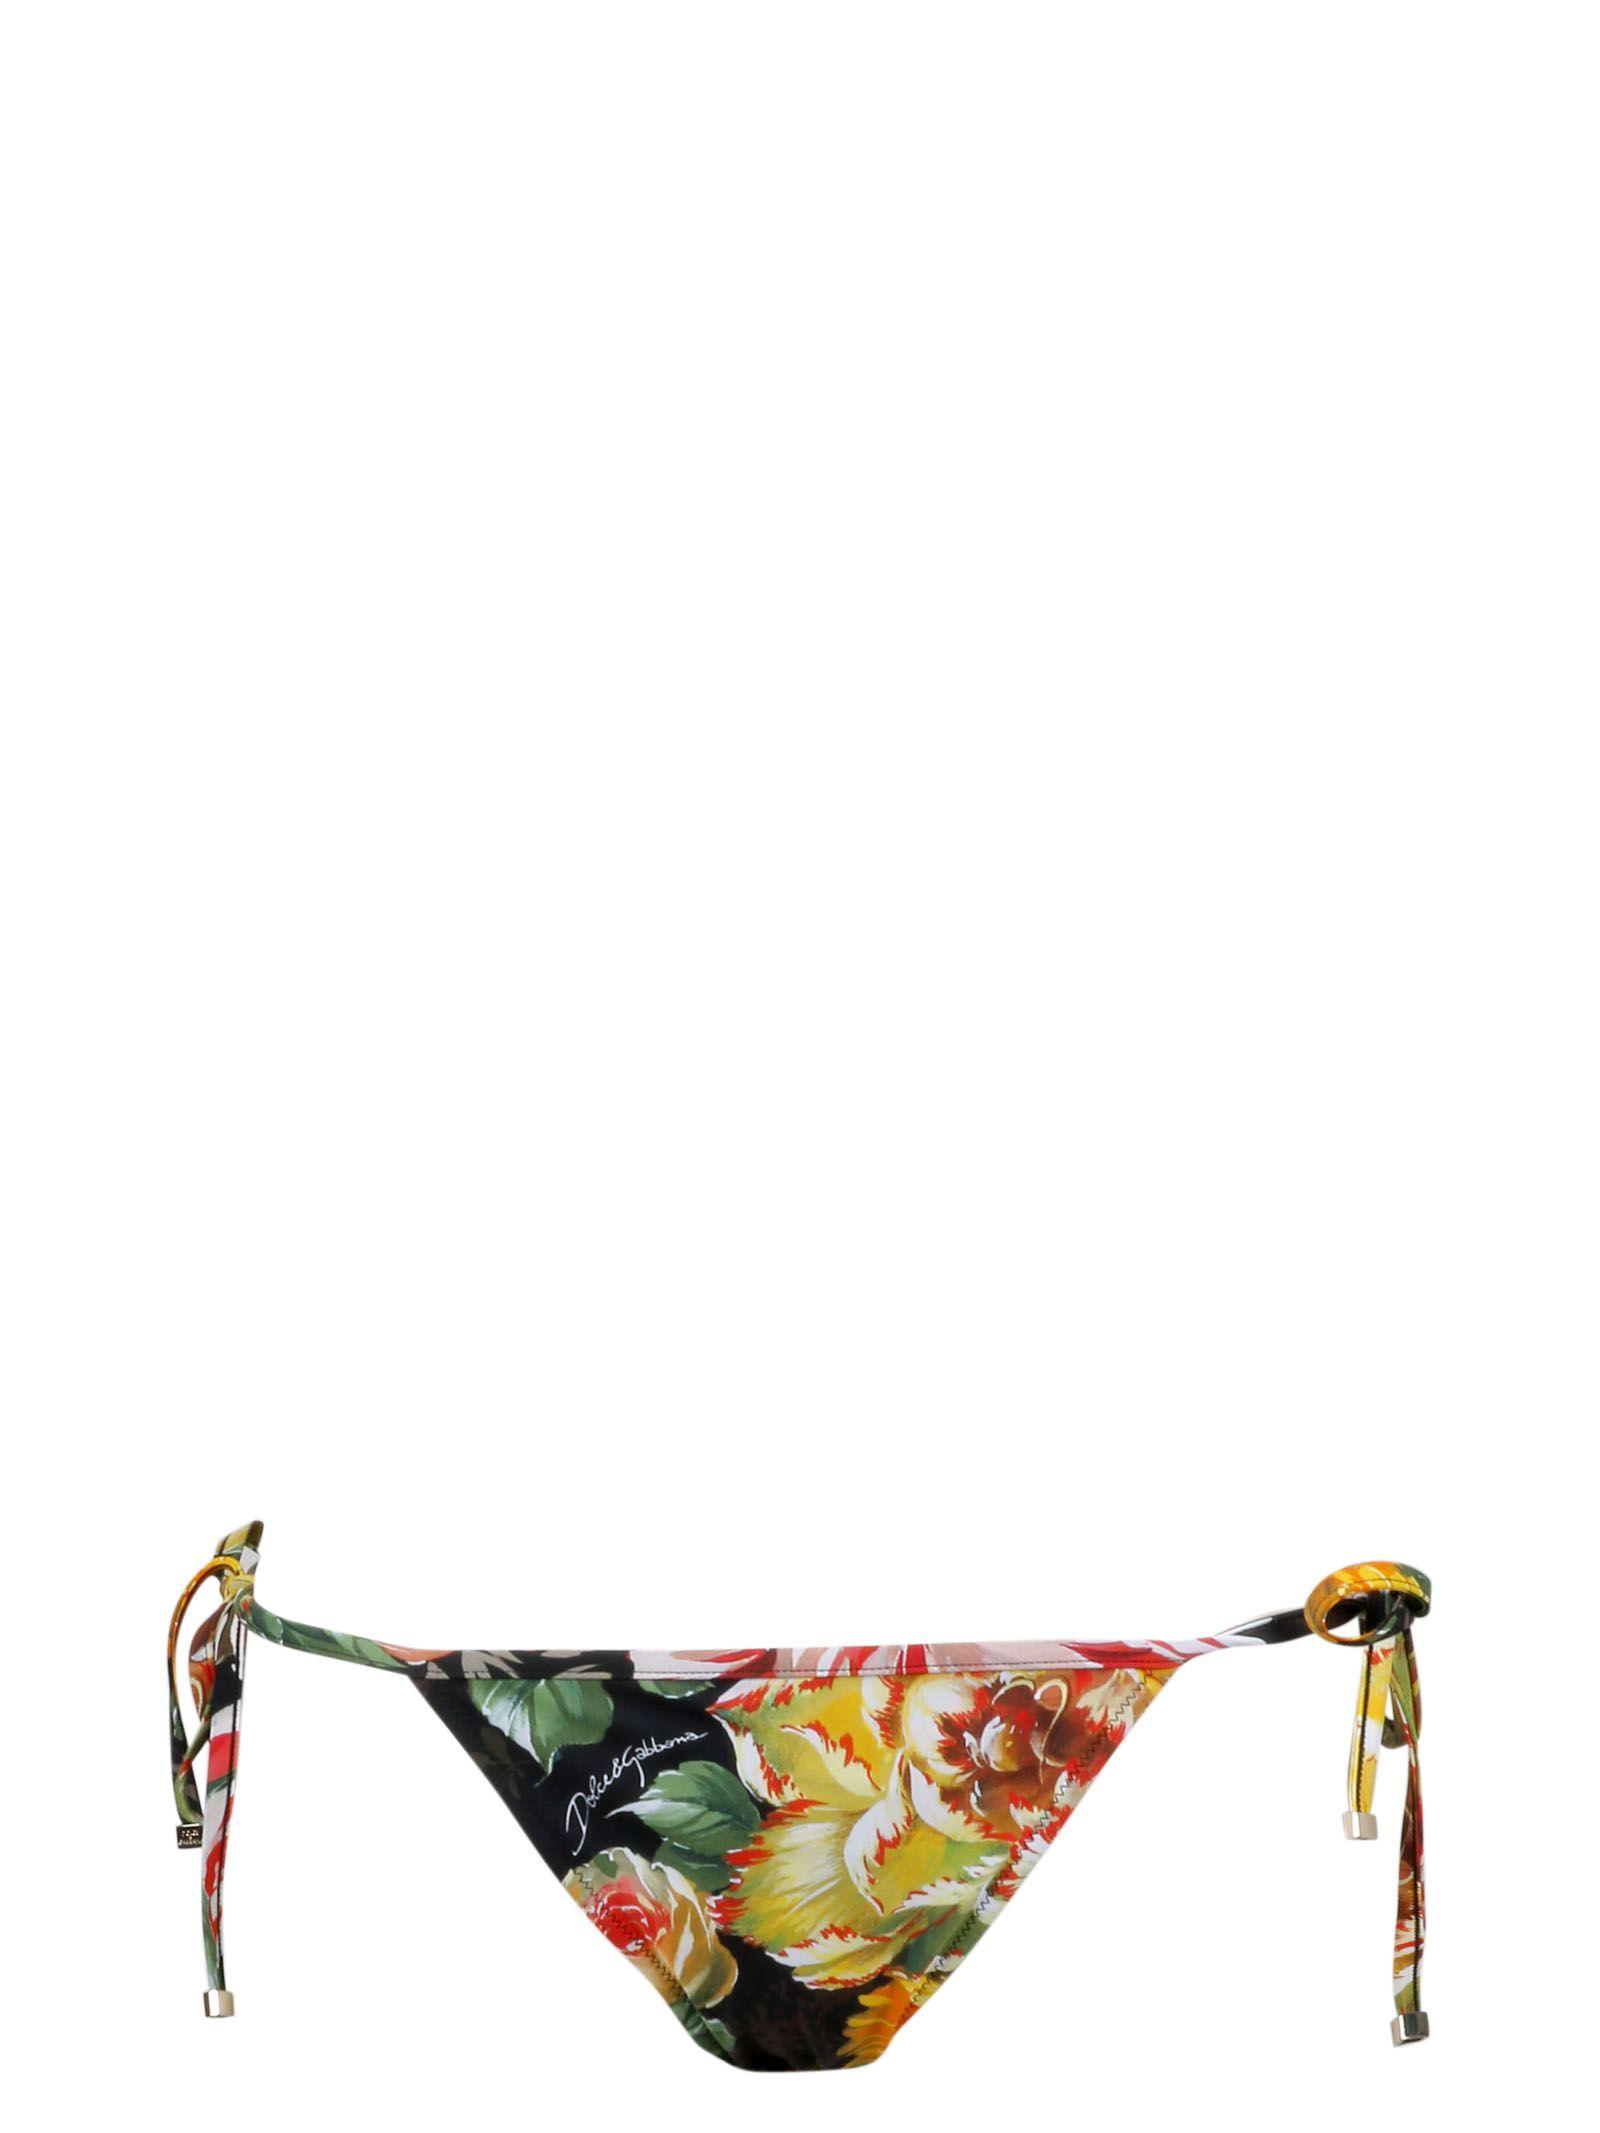 Dolce & Gabbana Floral Bottom Bikini